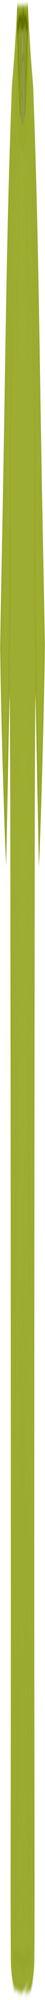 Футболка унисекс SPORTY 140, зеленое яблоко